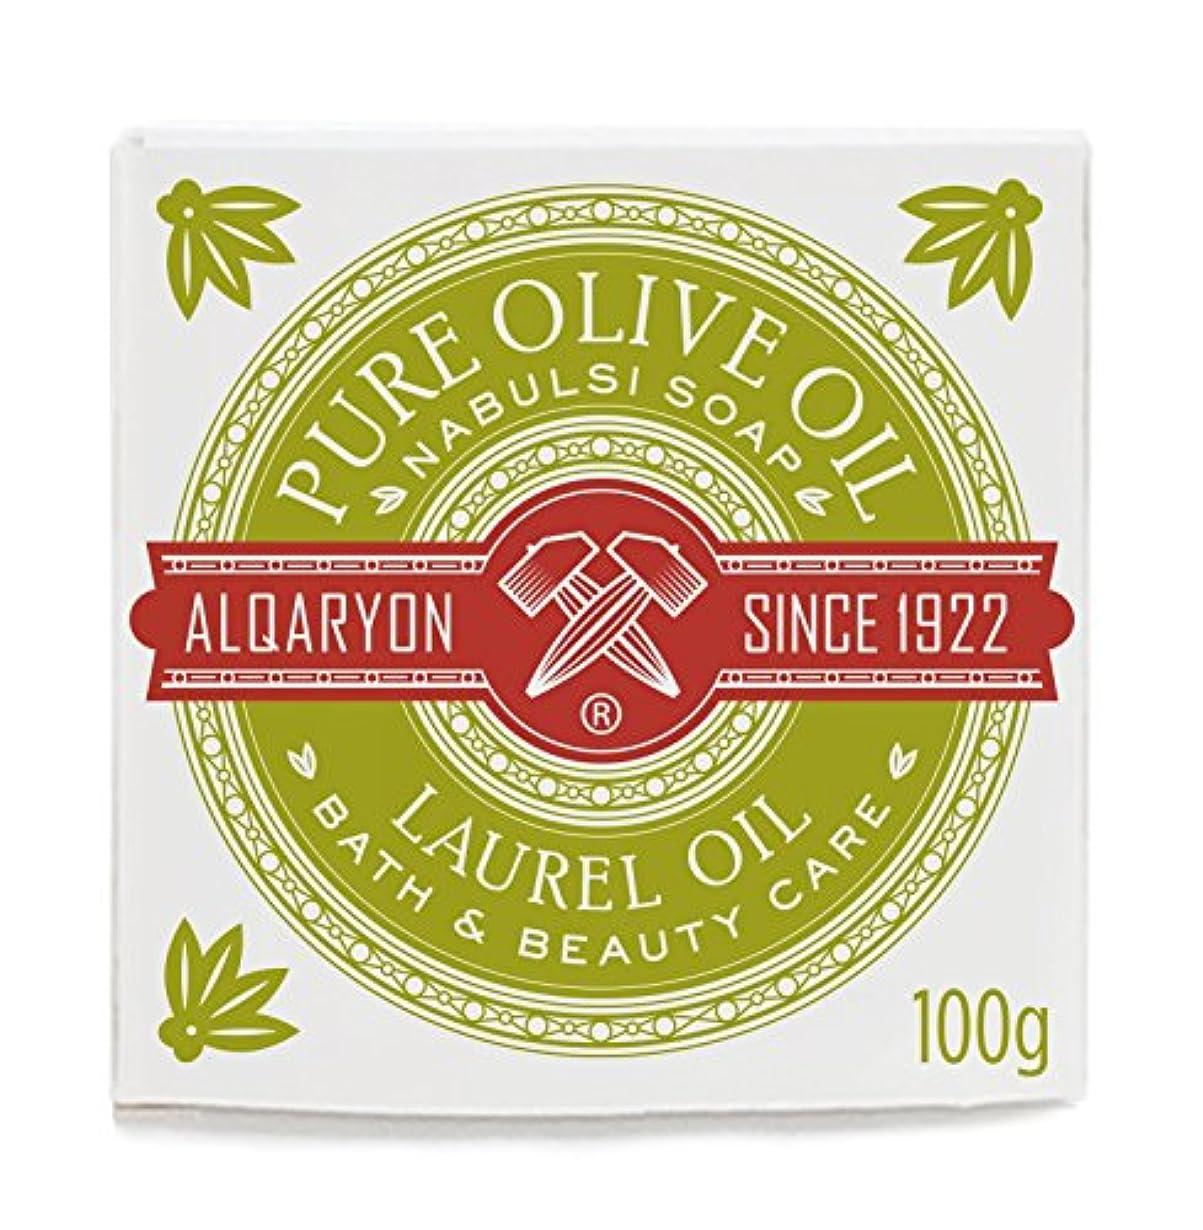 ブラシ喜ぶパプアニューギニアAlqaryon Laurel Oil & Olive Oil Bar Soap Pack of 4 - AlqaryonのローレルオイルI&オリーブオイル ソープ、バス & ビューティー ケア、100gの石鹸4個のパック